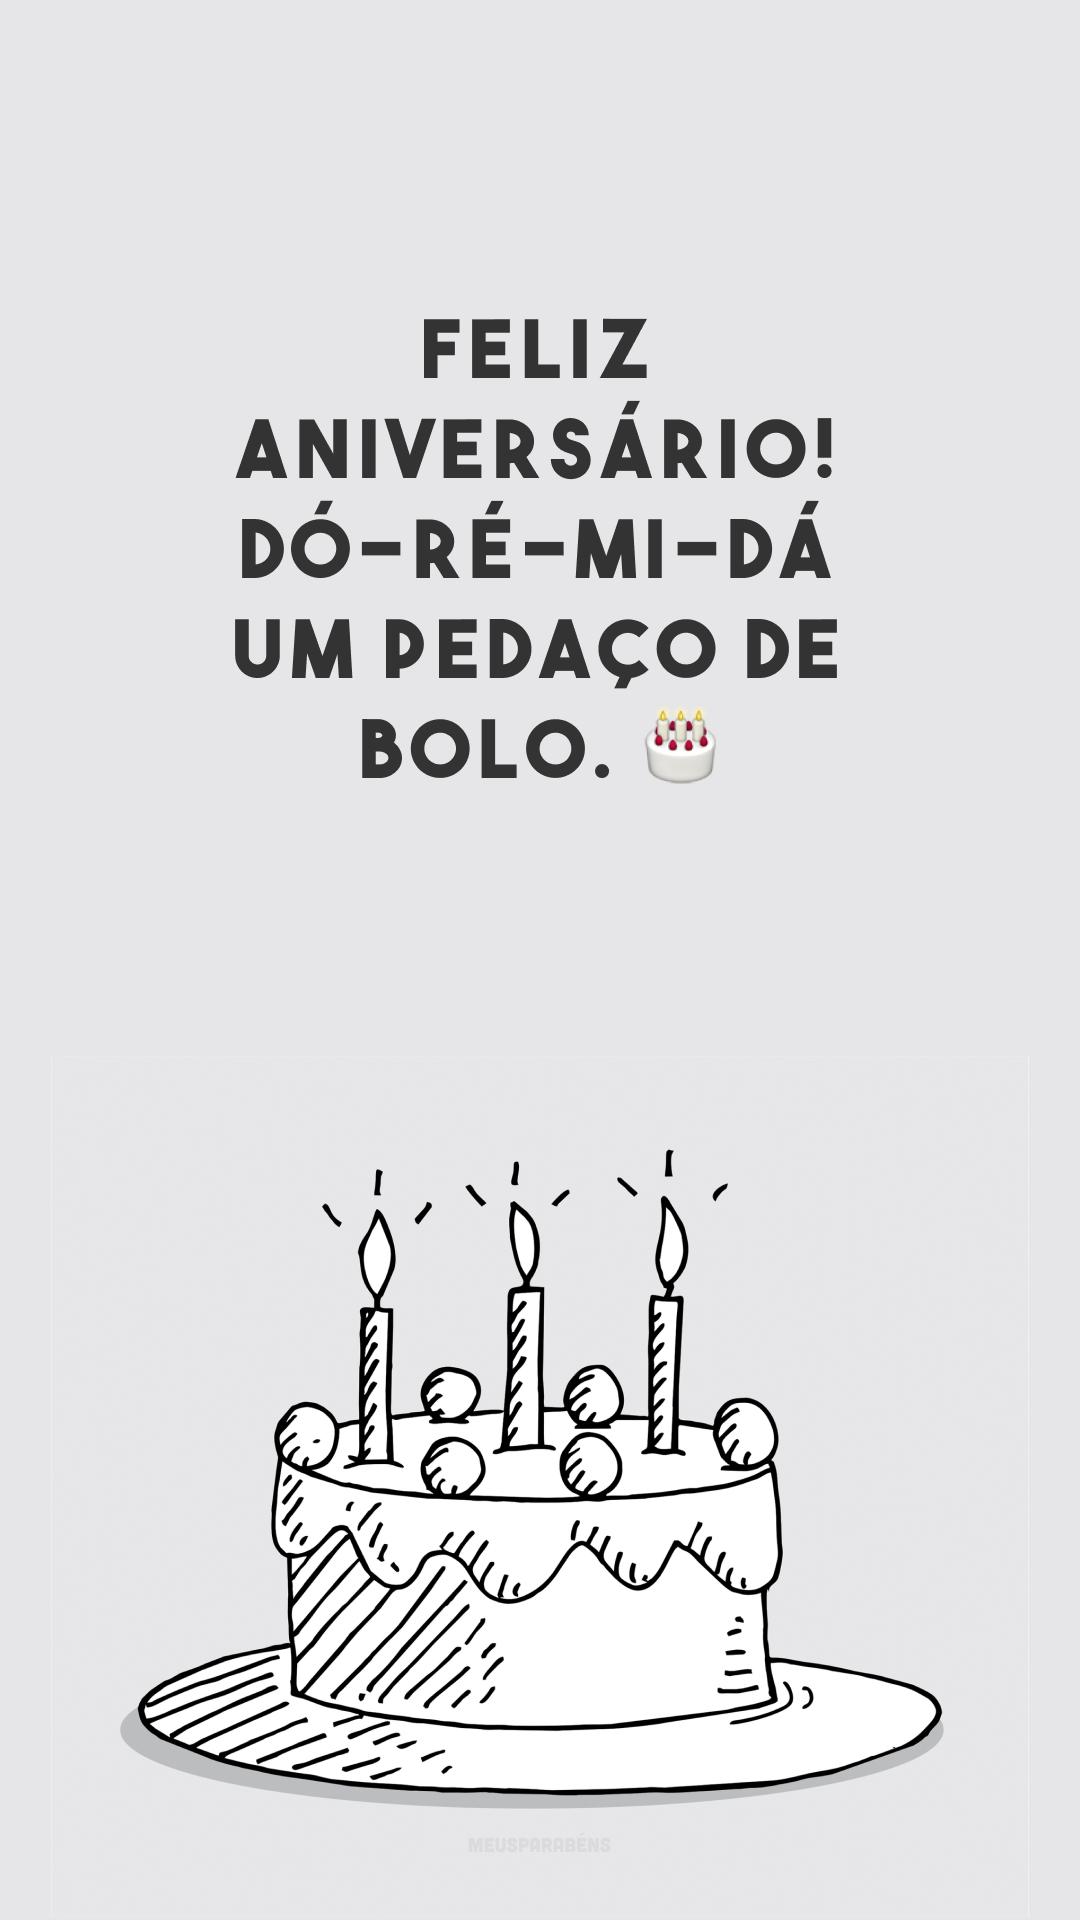 Feliz aniversário! Dó-ré-mi-dá um pedaço de bolo. 🎂